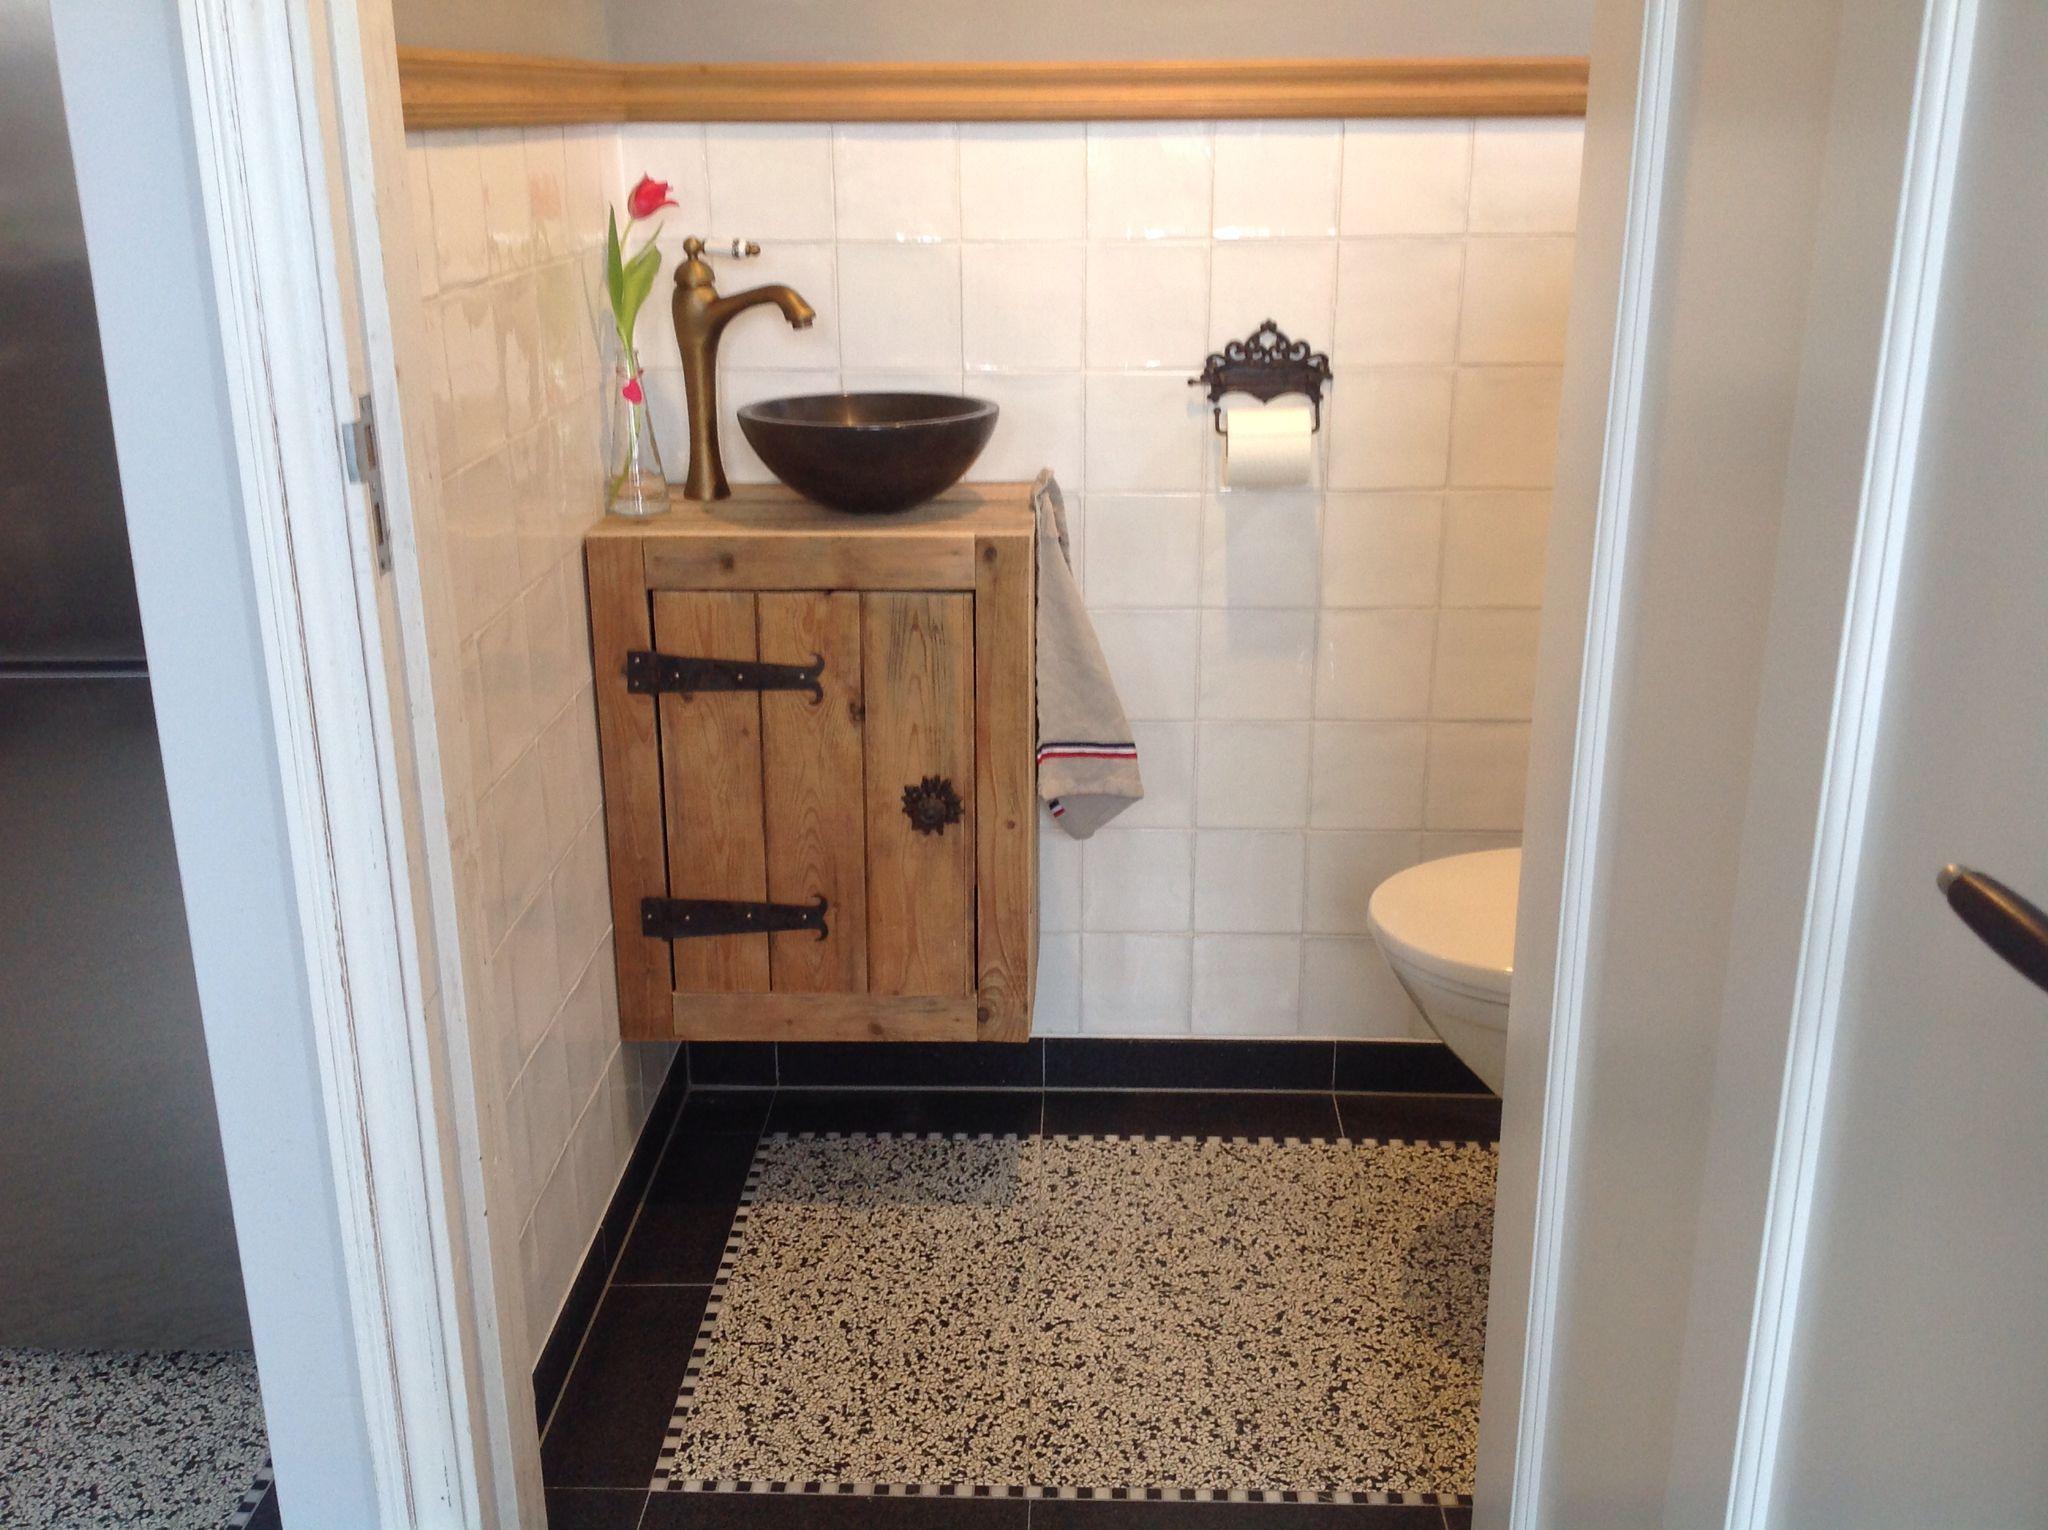 Toilet Wasbak Met Hout.Fonteintje Toilet Van Oud Hout In 2019 Toilet Beneden